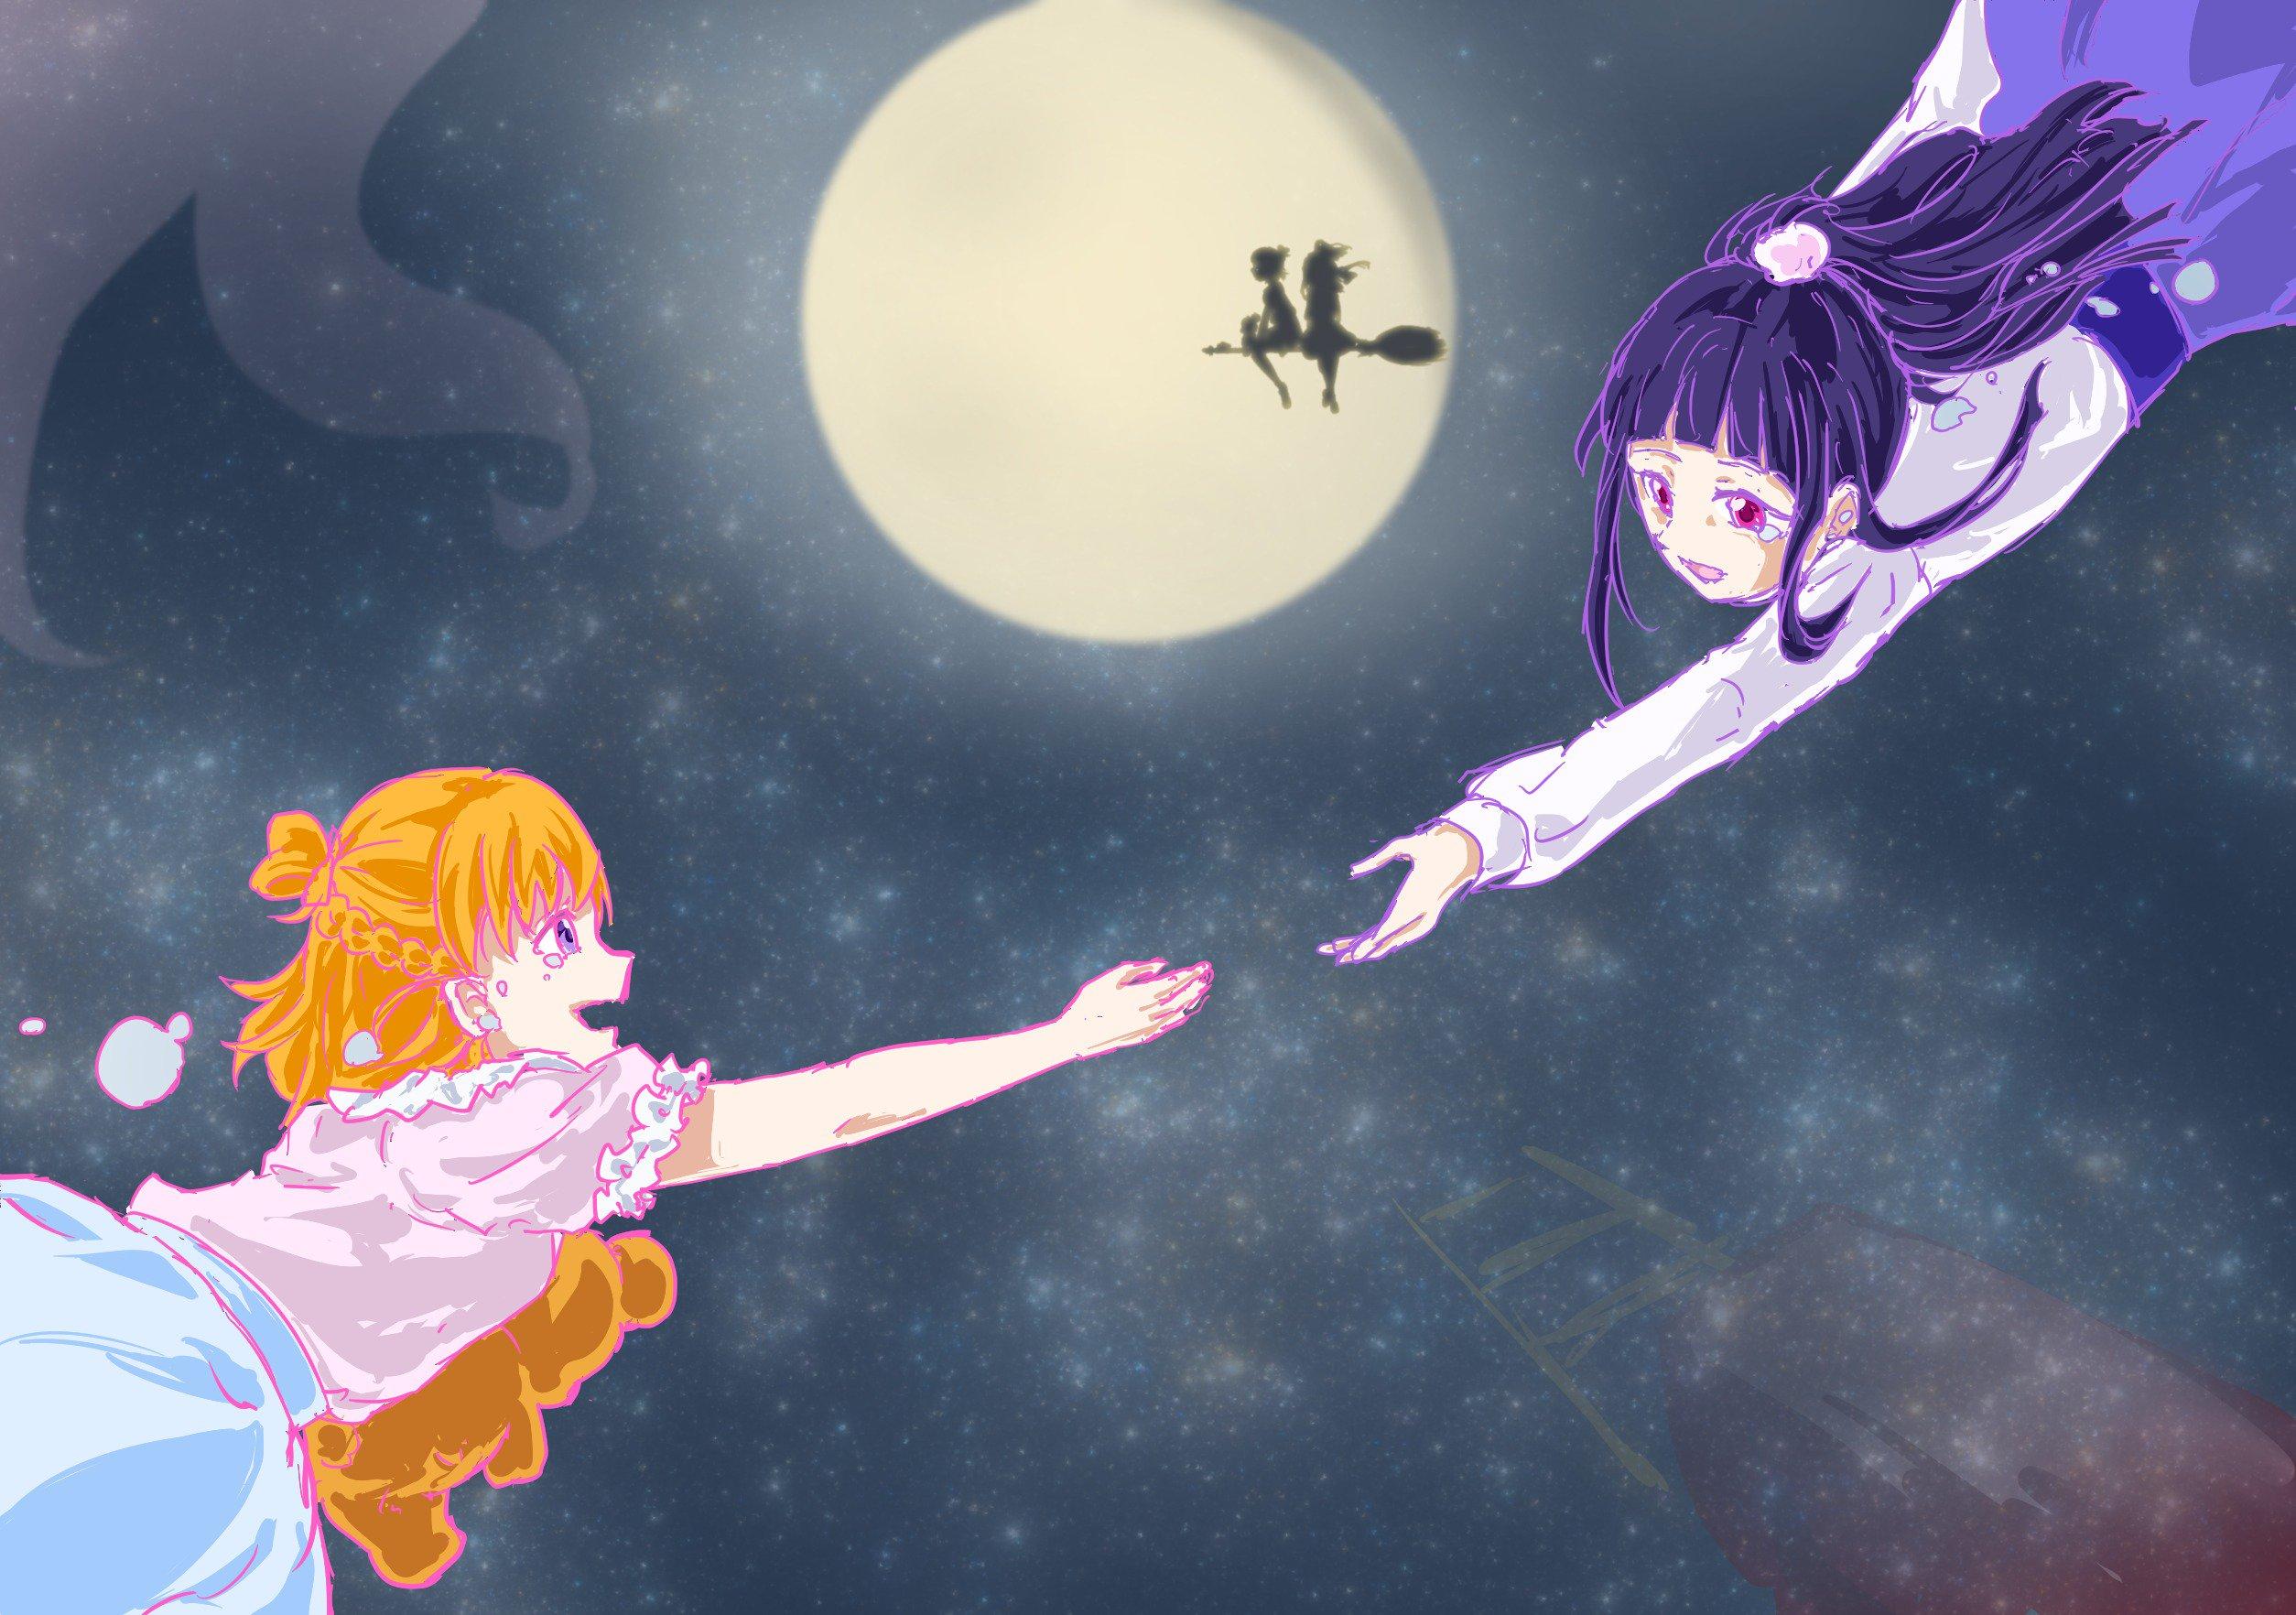 葵ずみ (@eichinohikari)さんのイラスト